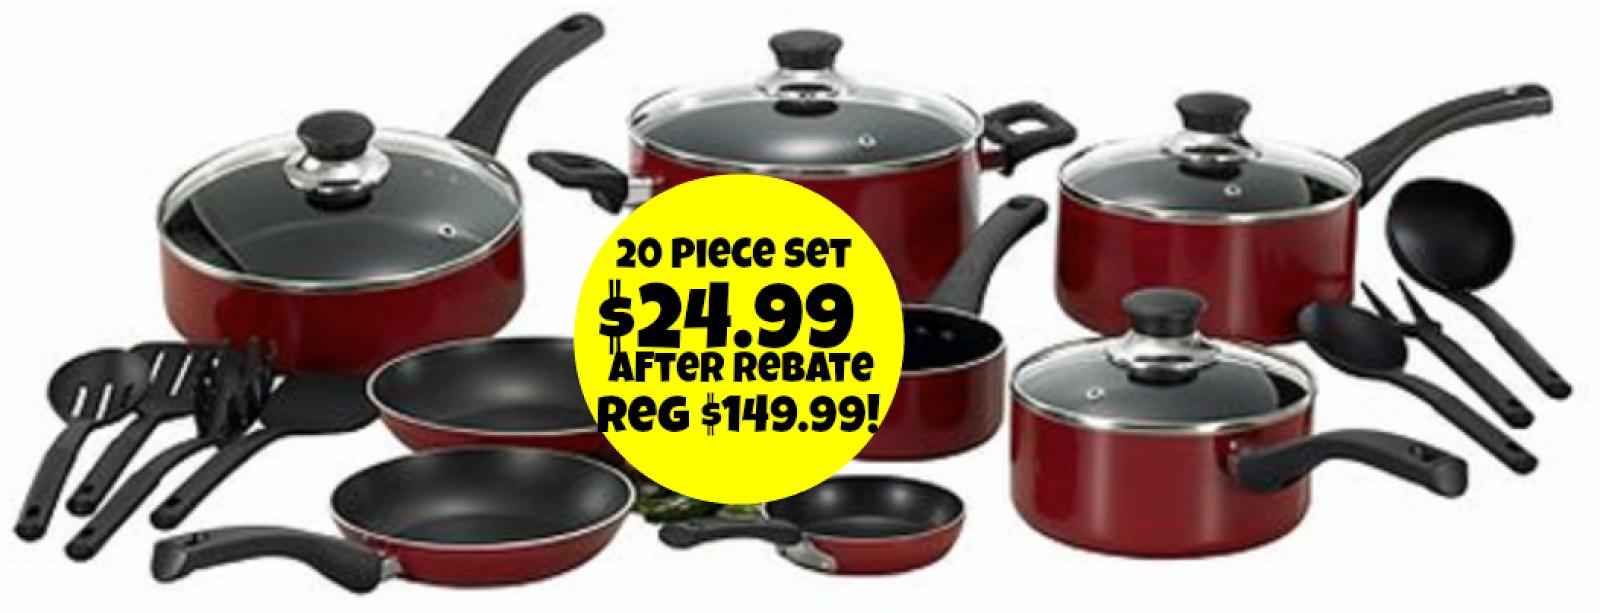 http://www.thebinderladies.com/2014/11/hot-t-fal-20-piece-cookware-set-2499.html#.VHT1LYfduyM